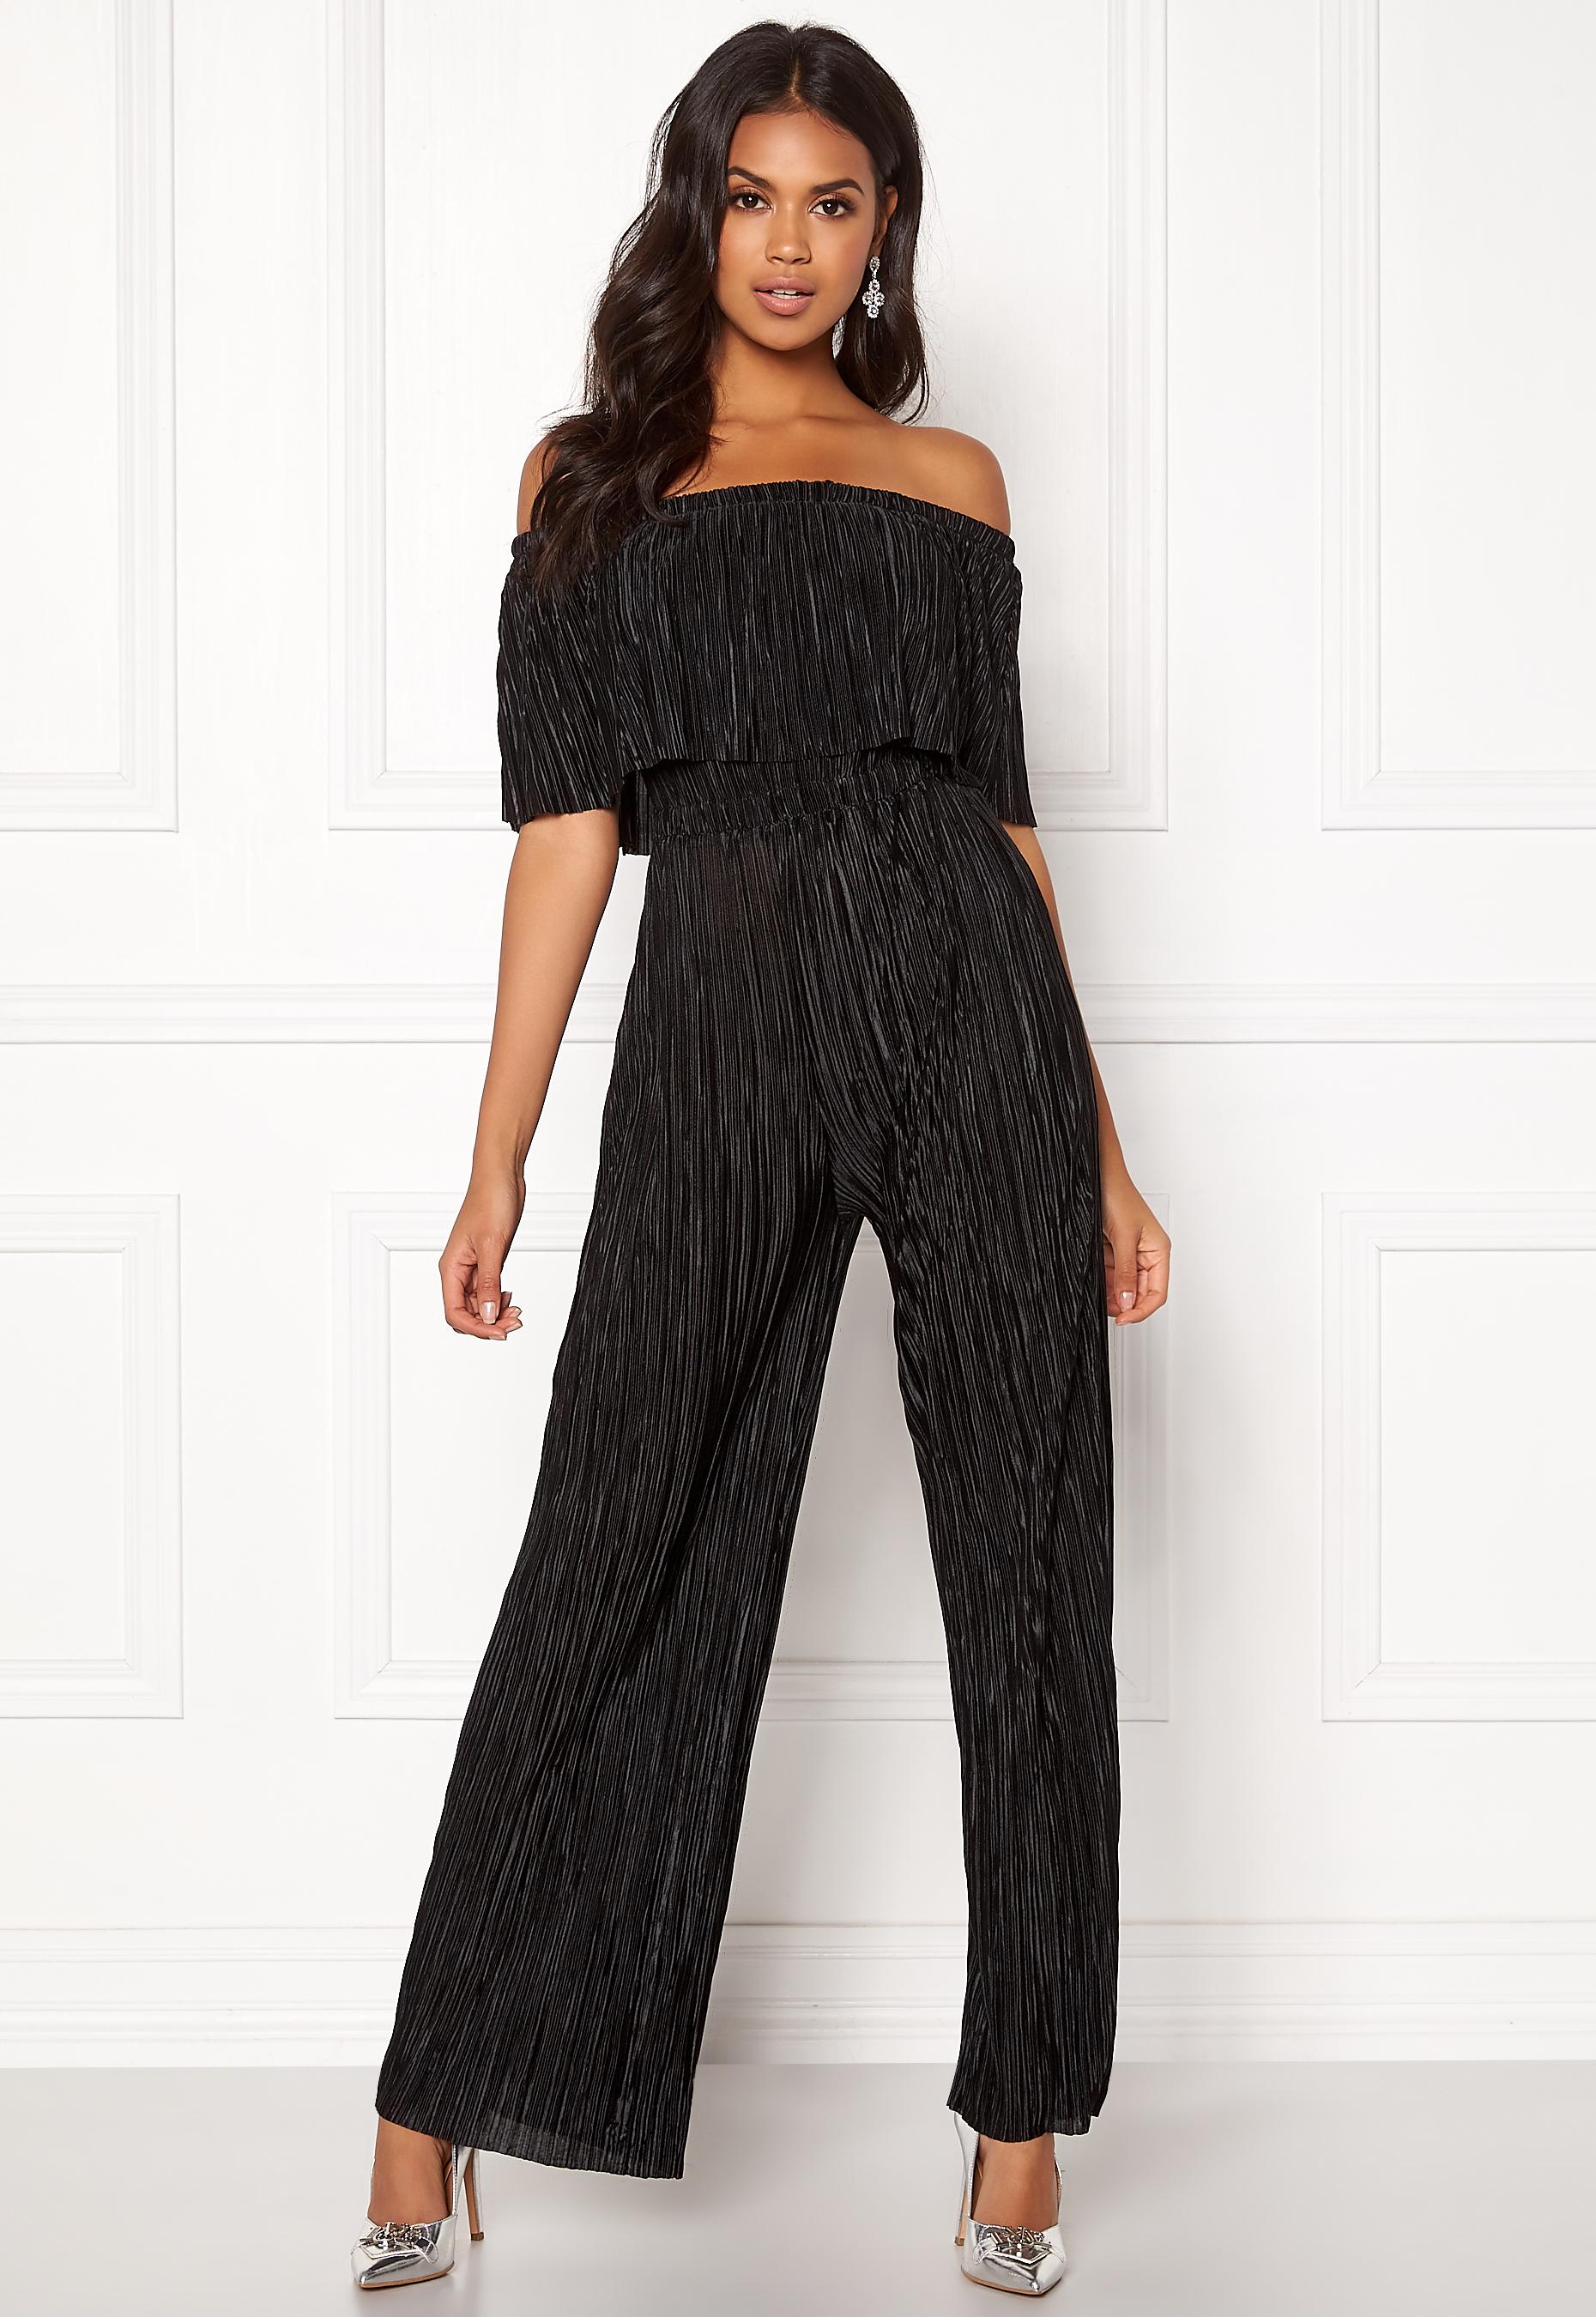 687933cc857 New Look Plisse Bardot Jumpsuit Black - Bubbleroom